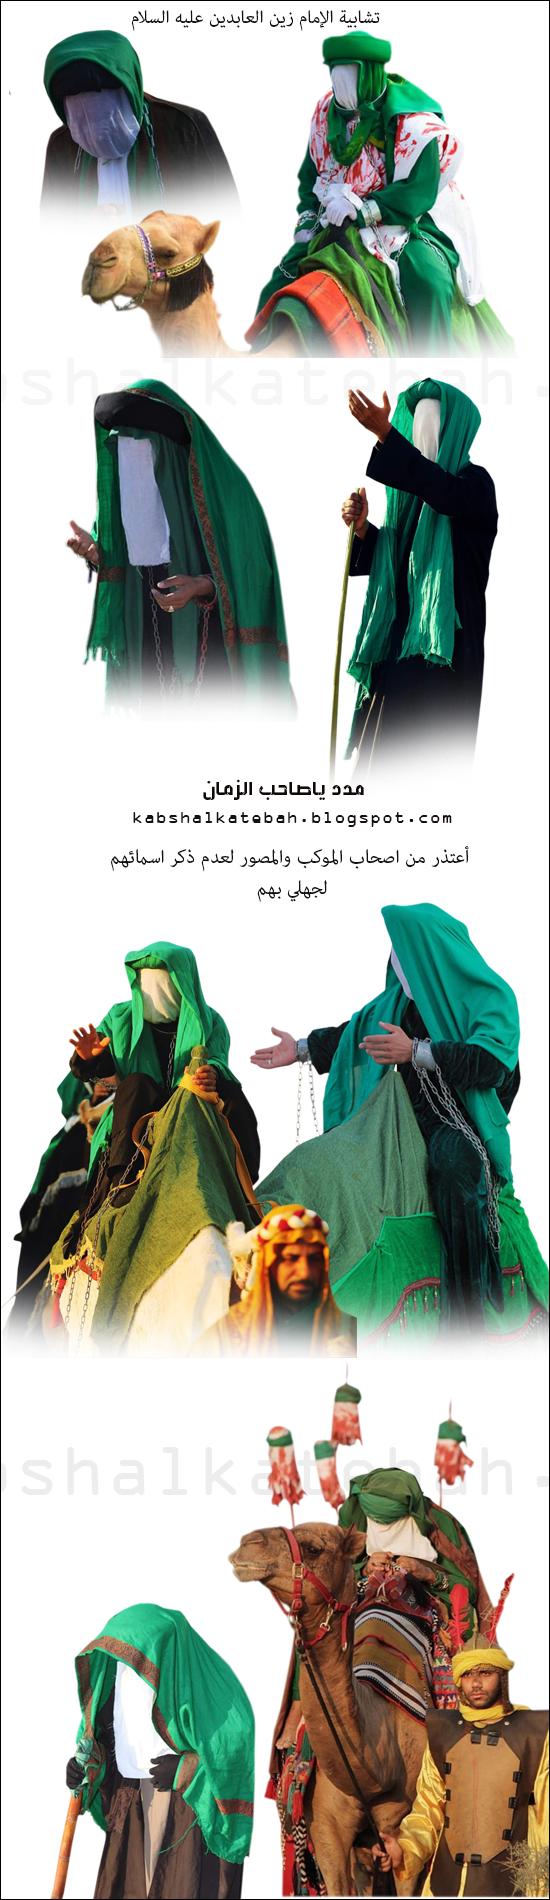 تشابية الإمام زين العابدين عليه السلام ×× P_1707n3ojg1